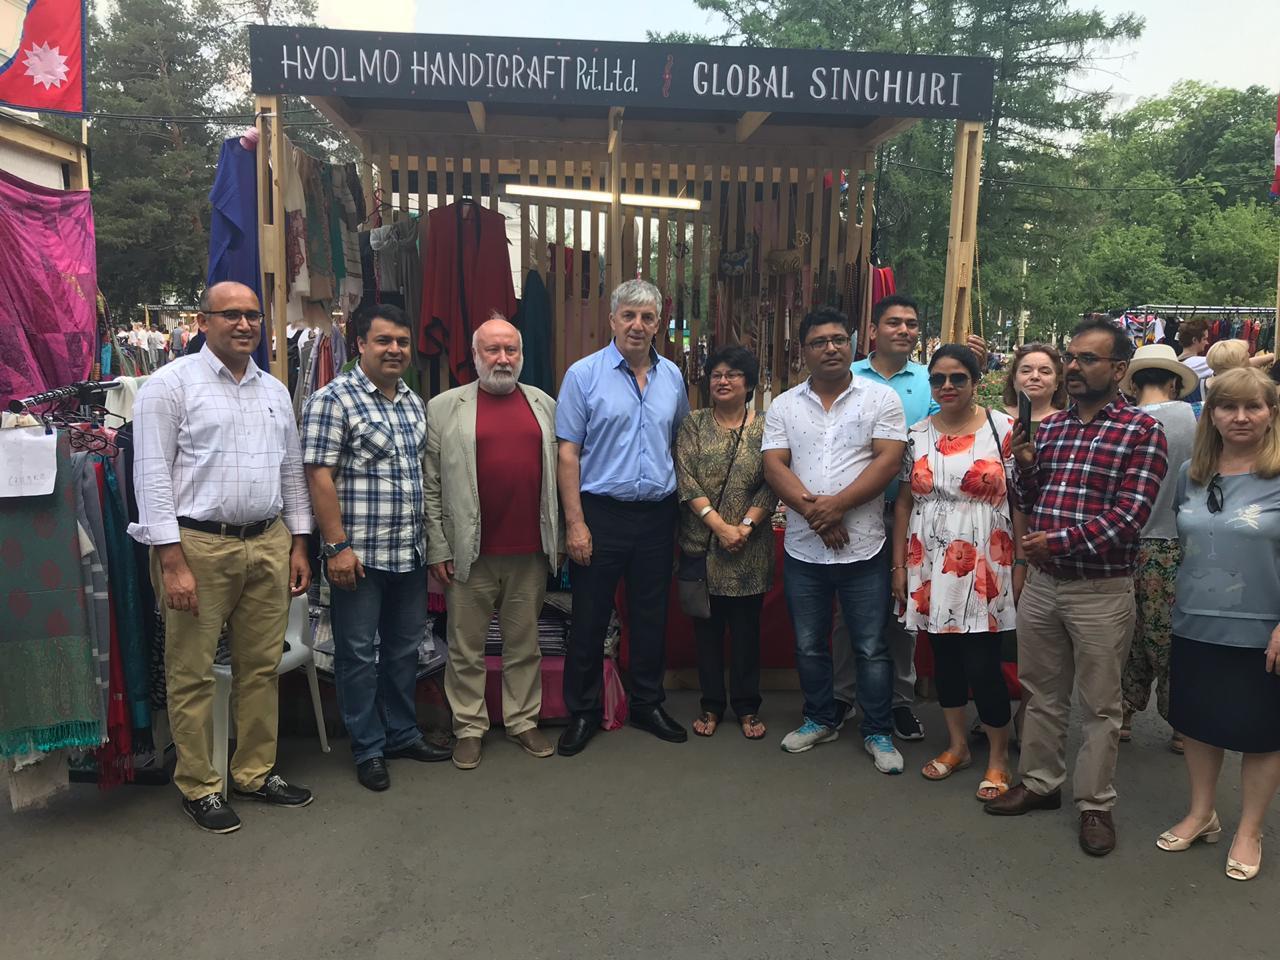 ДАГЕСТАН. Хизри Абакаров встретился с послом Непала в Российской Федерации